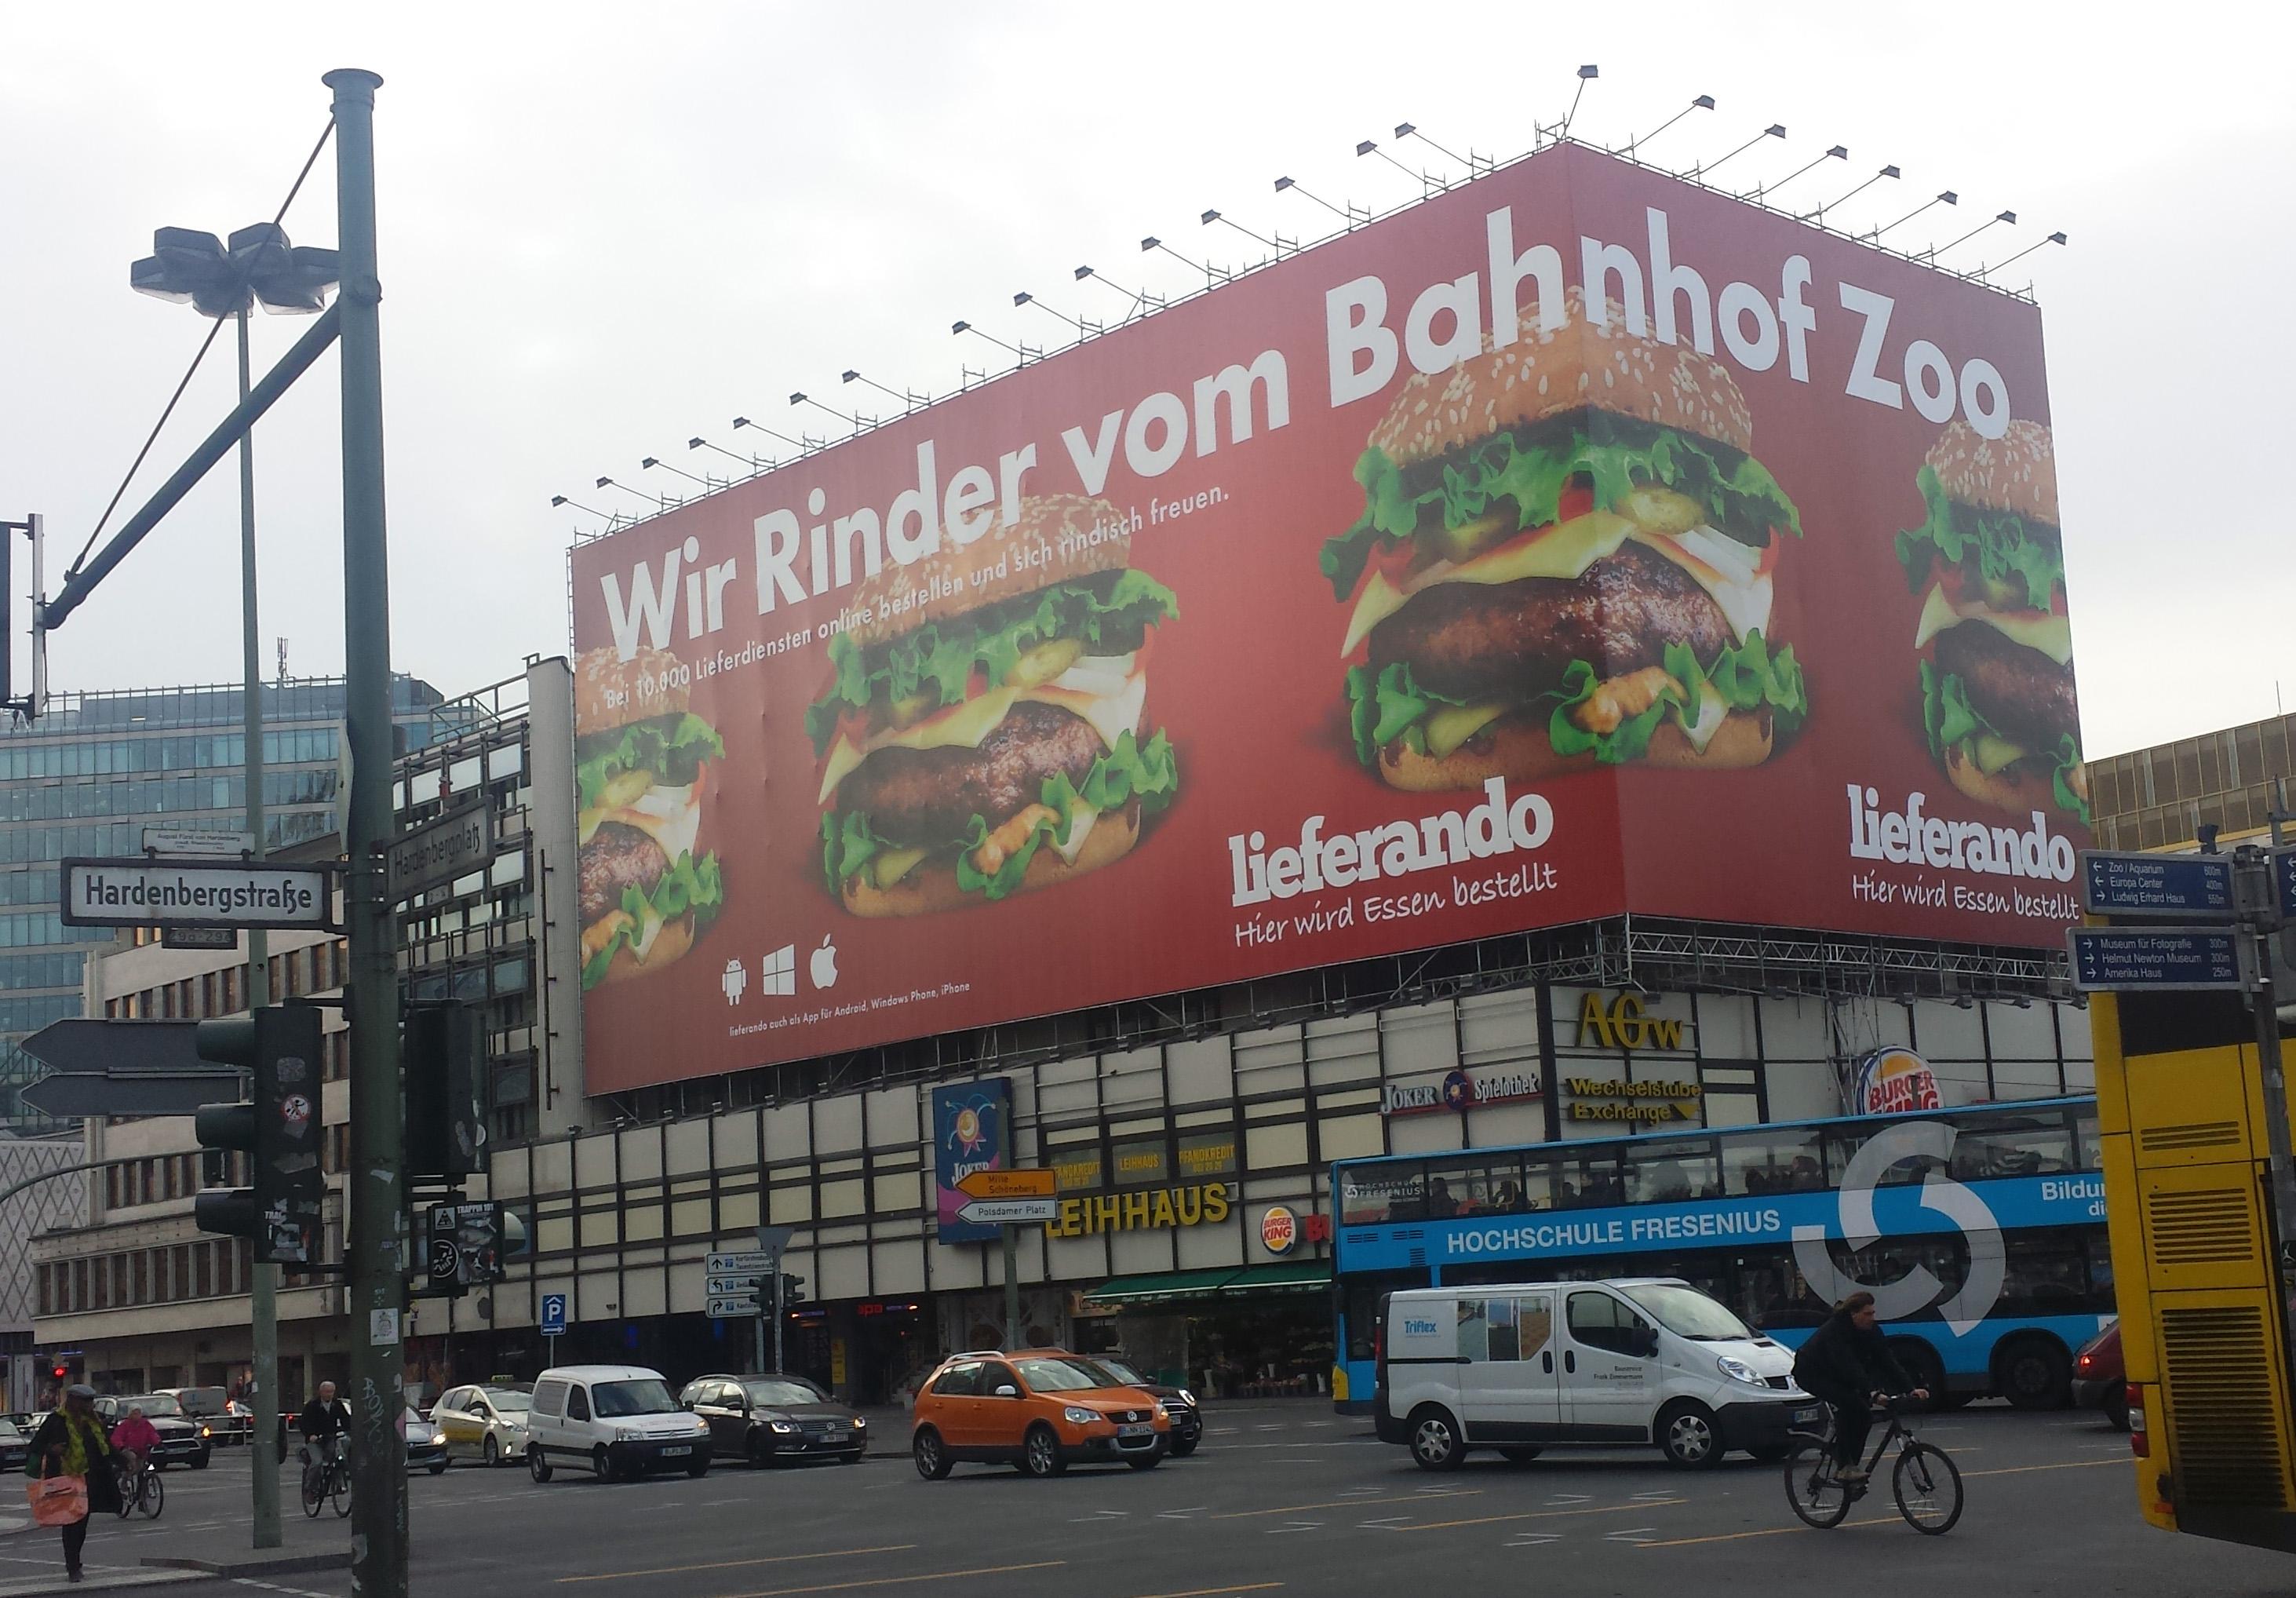 En sjov reklame og en alvorlig historie